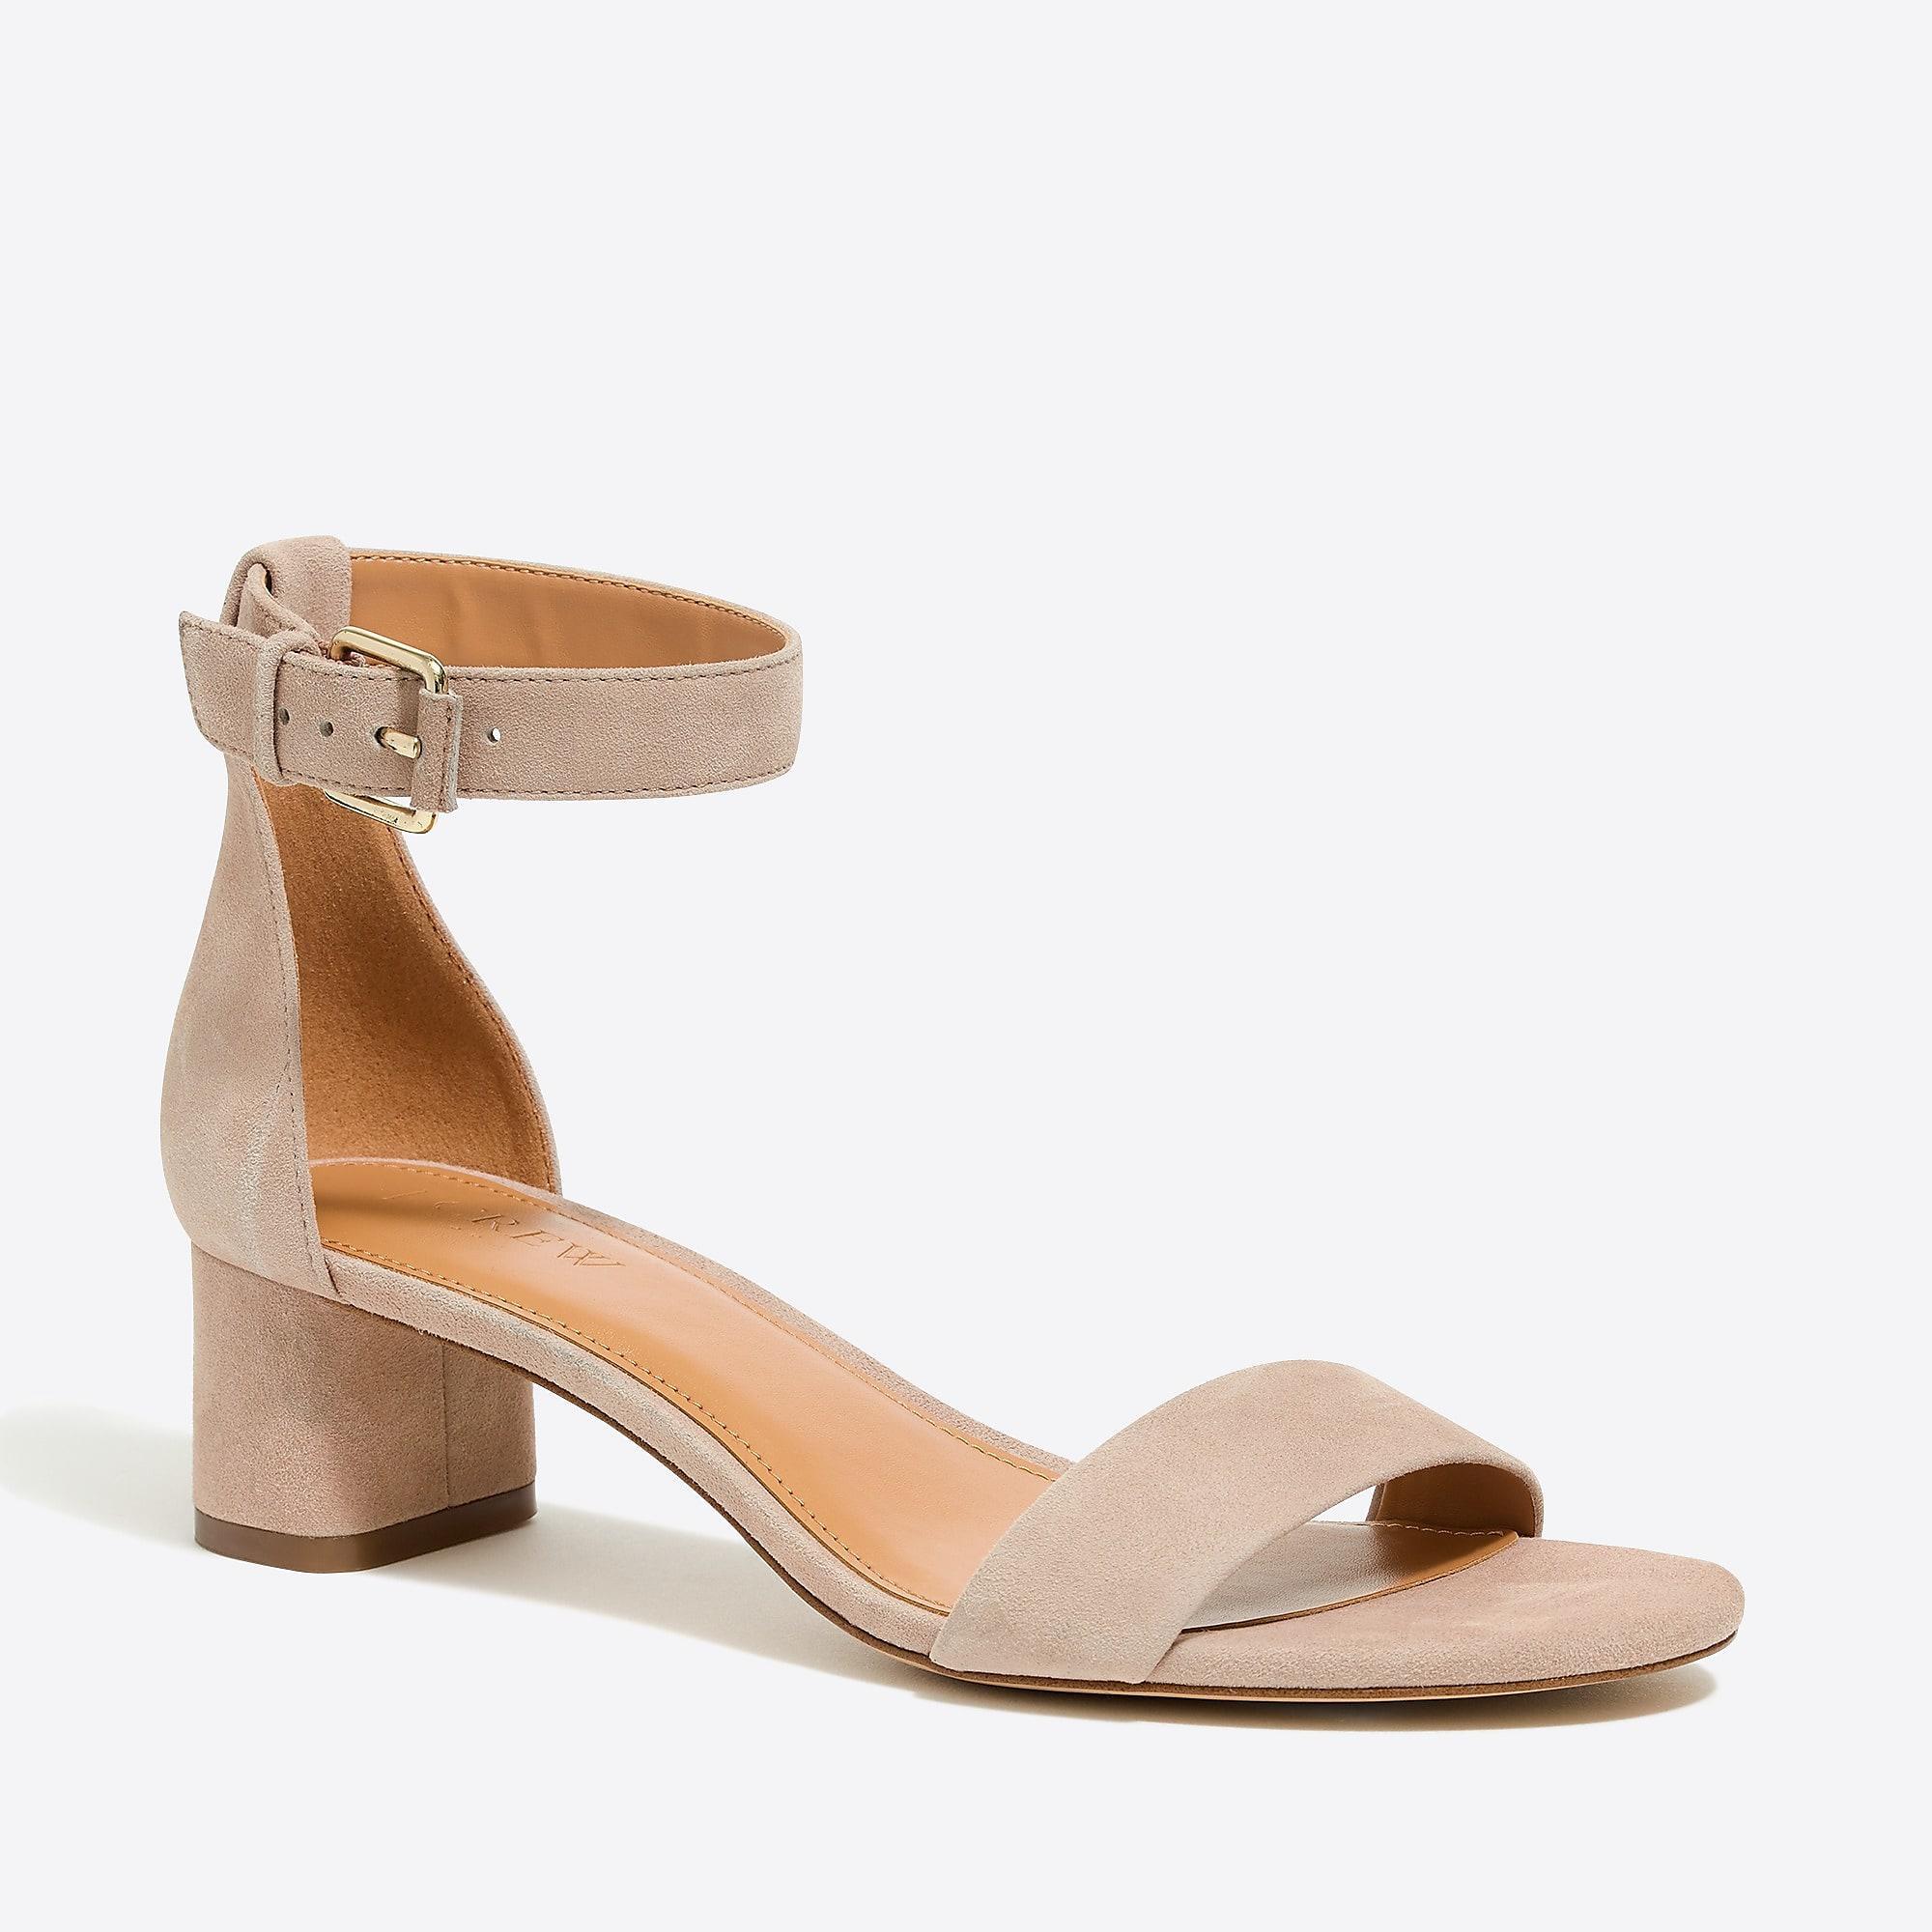 Somara Buckled Block Heel Sandals 6vdQP